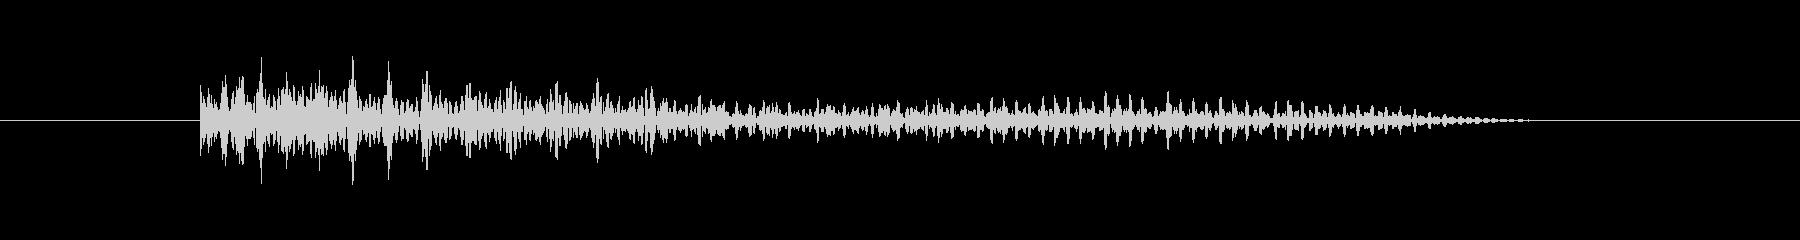 口 Beatbox Bass Dr...の未再生の波形